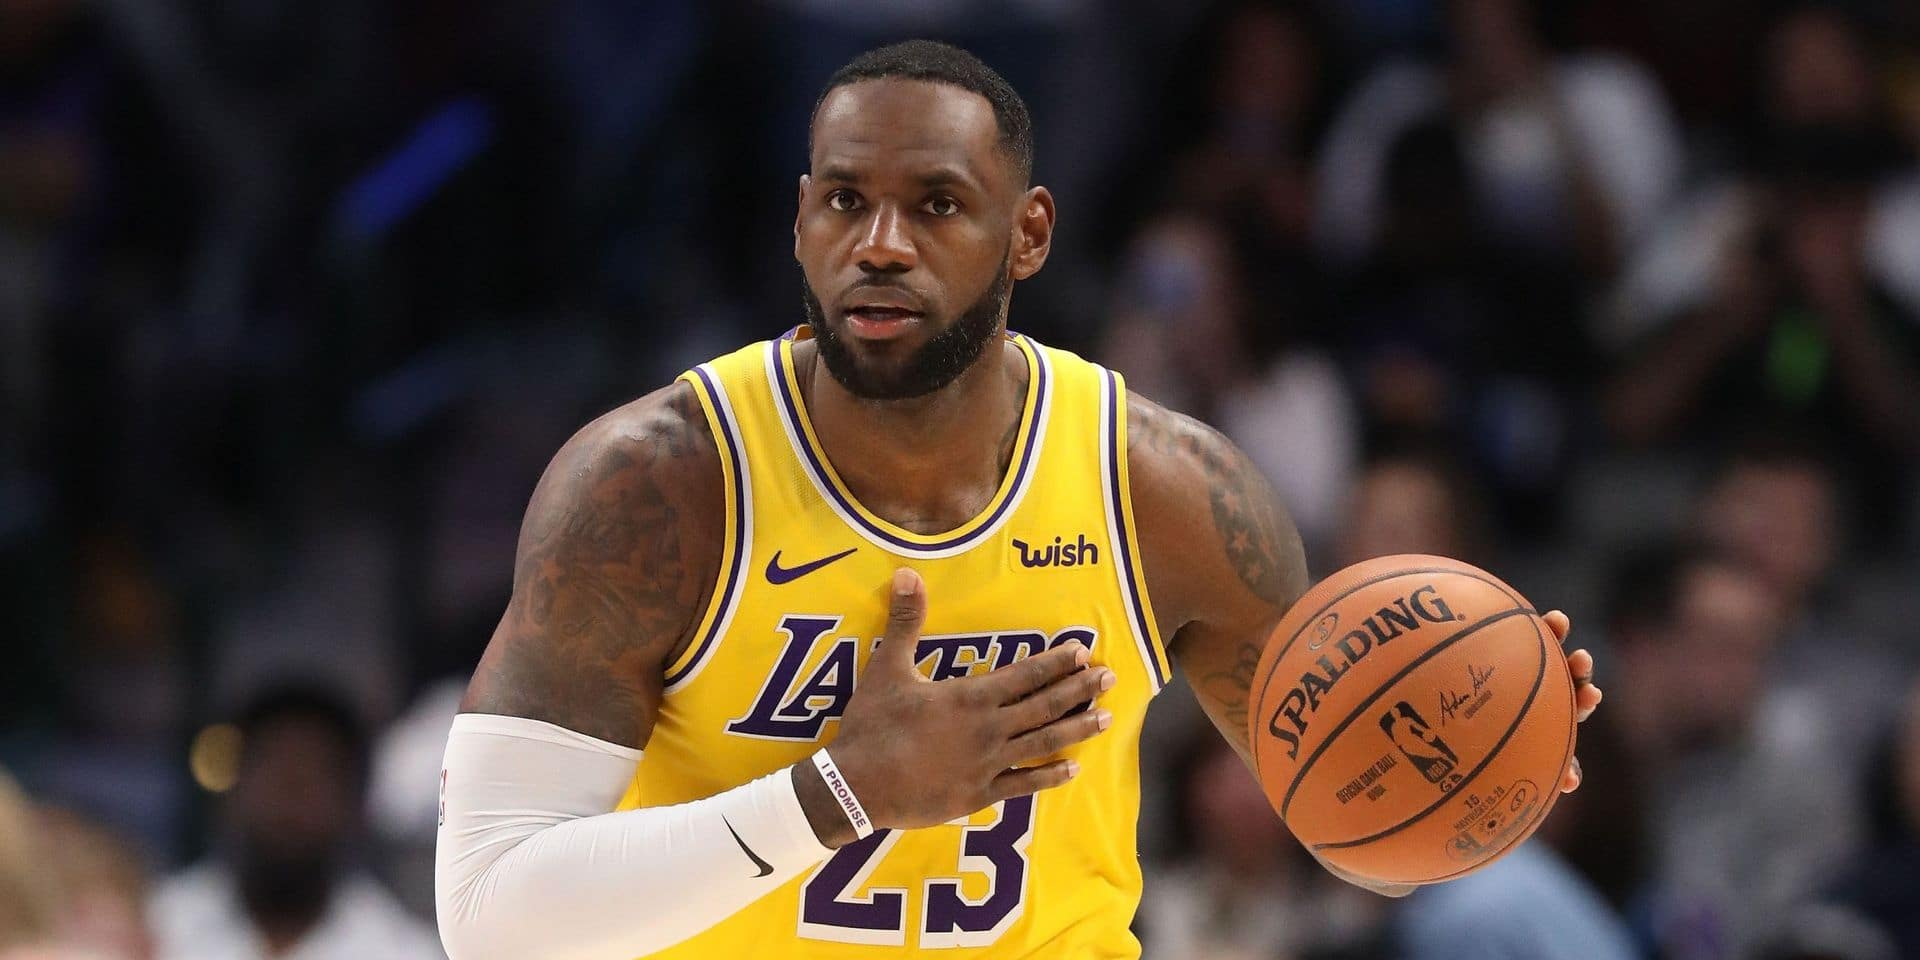 NBA : Menés de 17 points à Chicago, les Lakers s'imposent et s'offrent une 6e victoire d'affilée